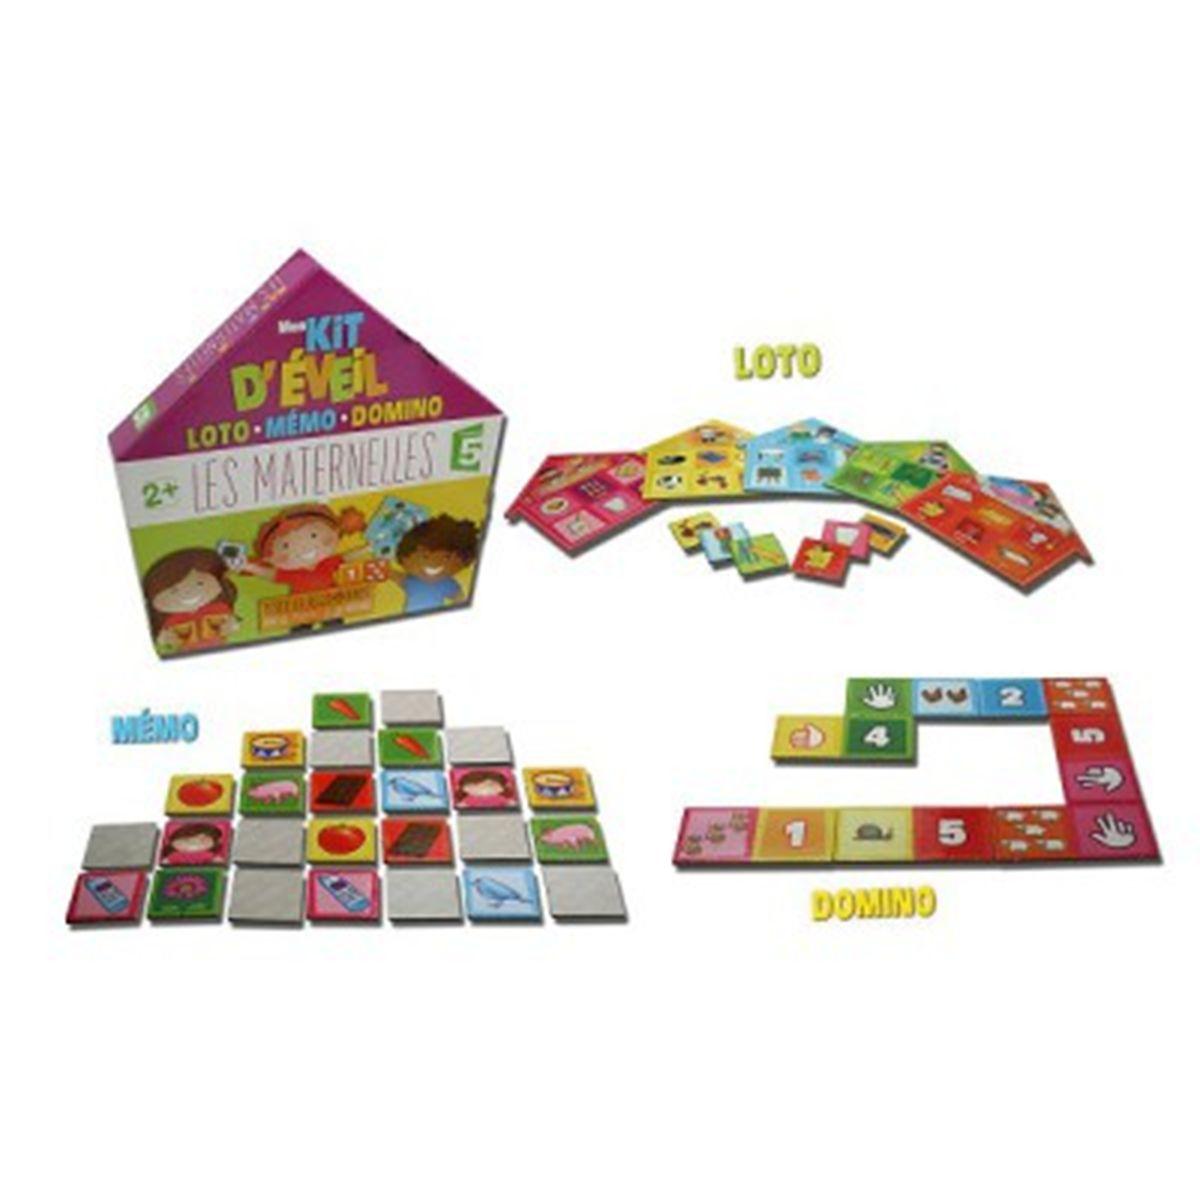 Mon Kit D'éveil Éducatif Loto Mémo Domino : Les Maternelles intérieur Jeux D Apprentissage Maternelle